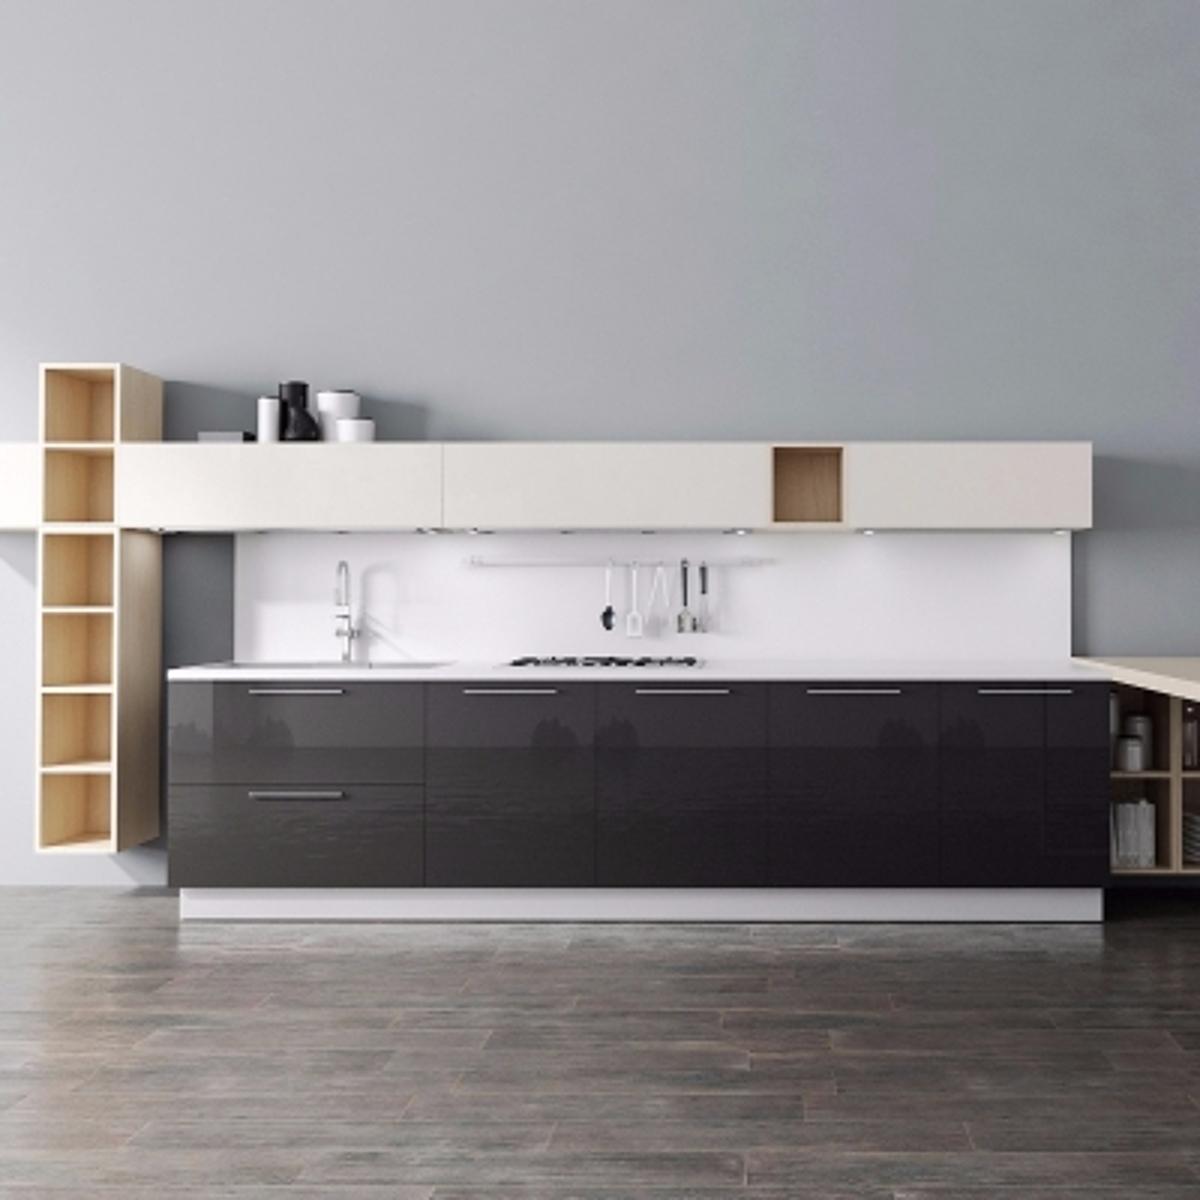 cg234现代橱柜餐桌组合模型